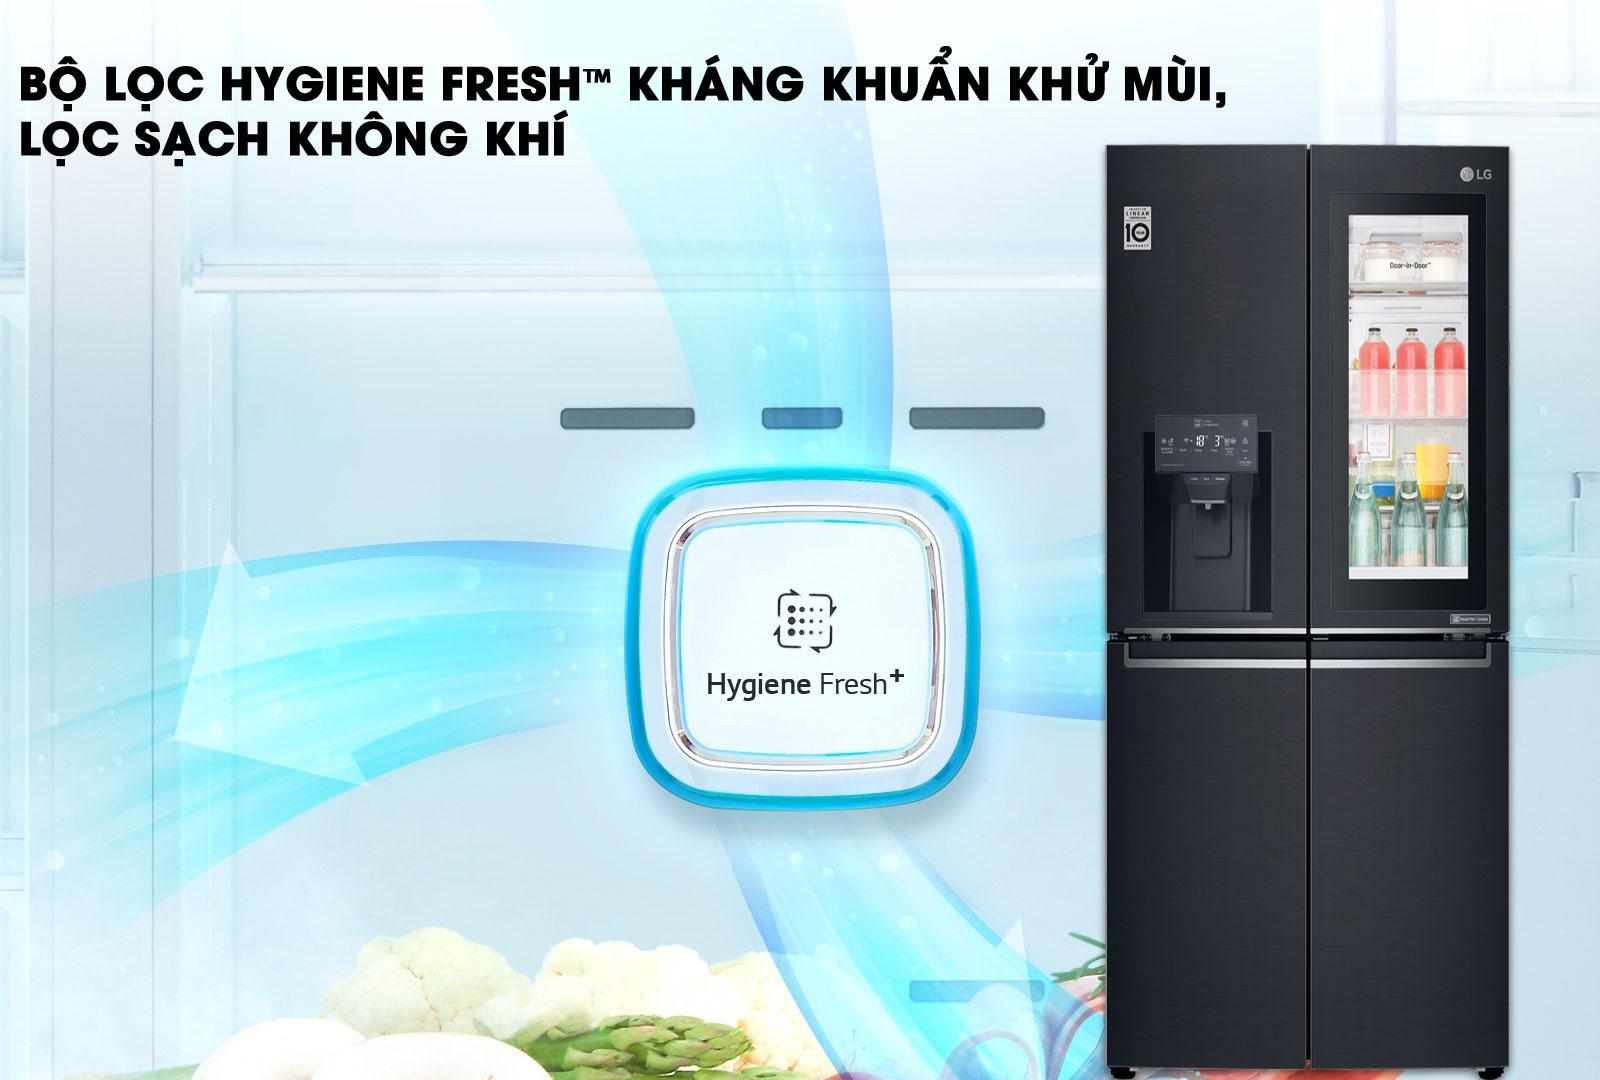 bộ lọc HYGIENE FRESH kháng khuẩn,khử mùi,lọc sạch không khí